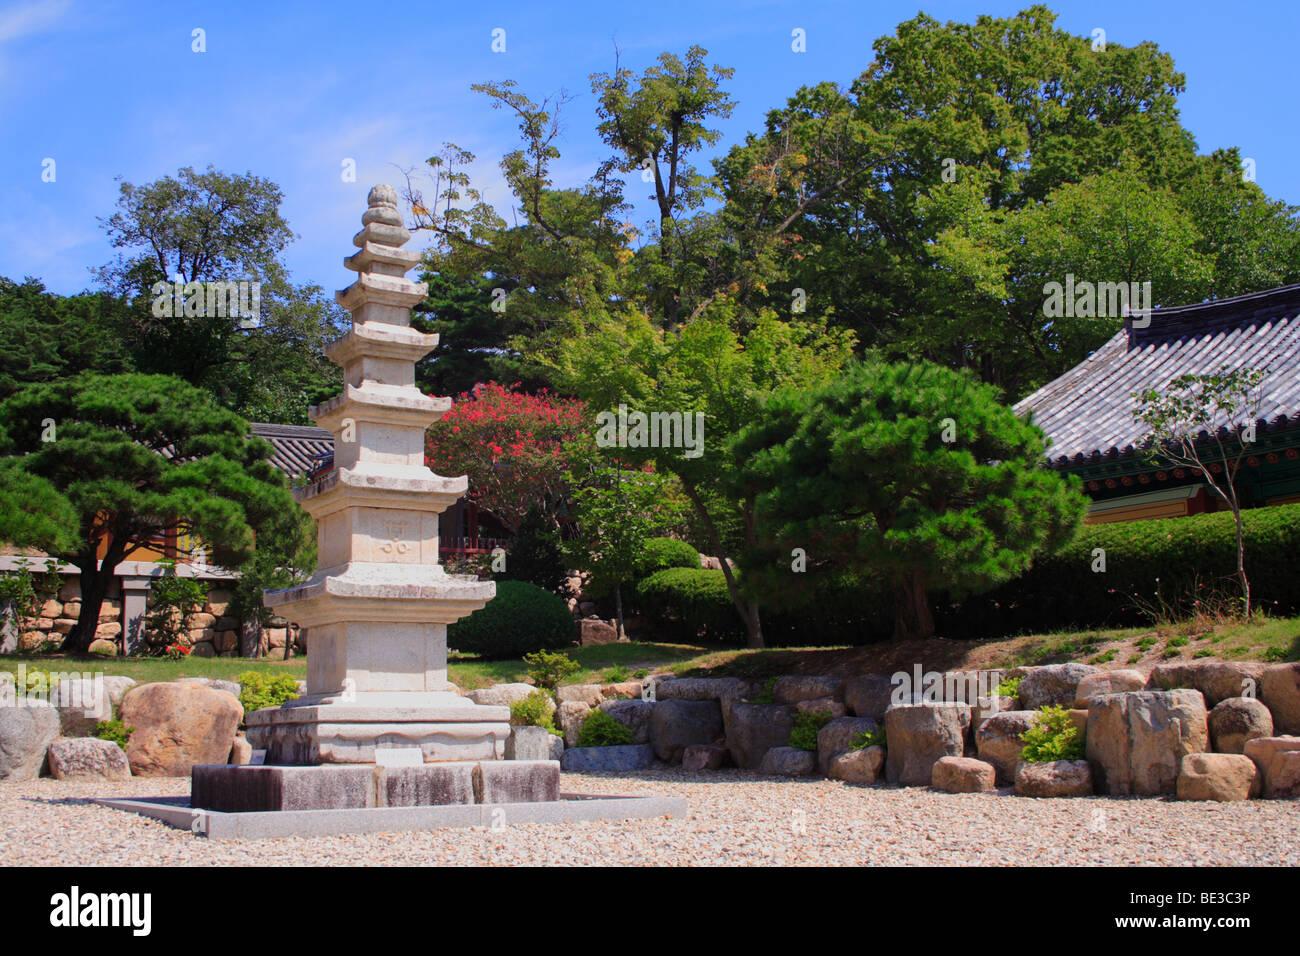 Pagoda, Bogyeongsa, Republic of Korea Stock Photo